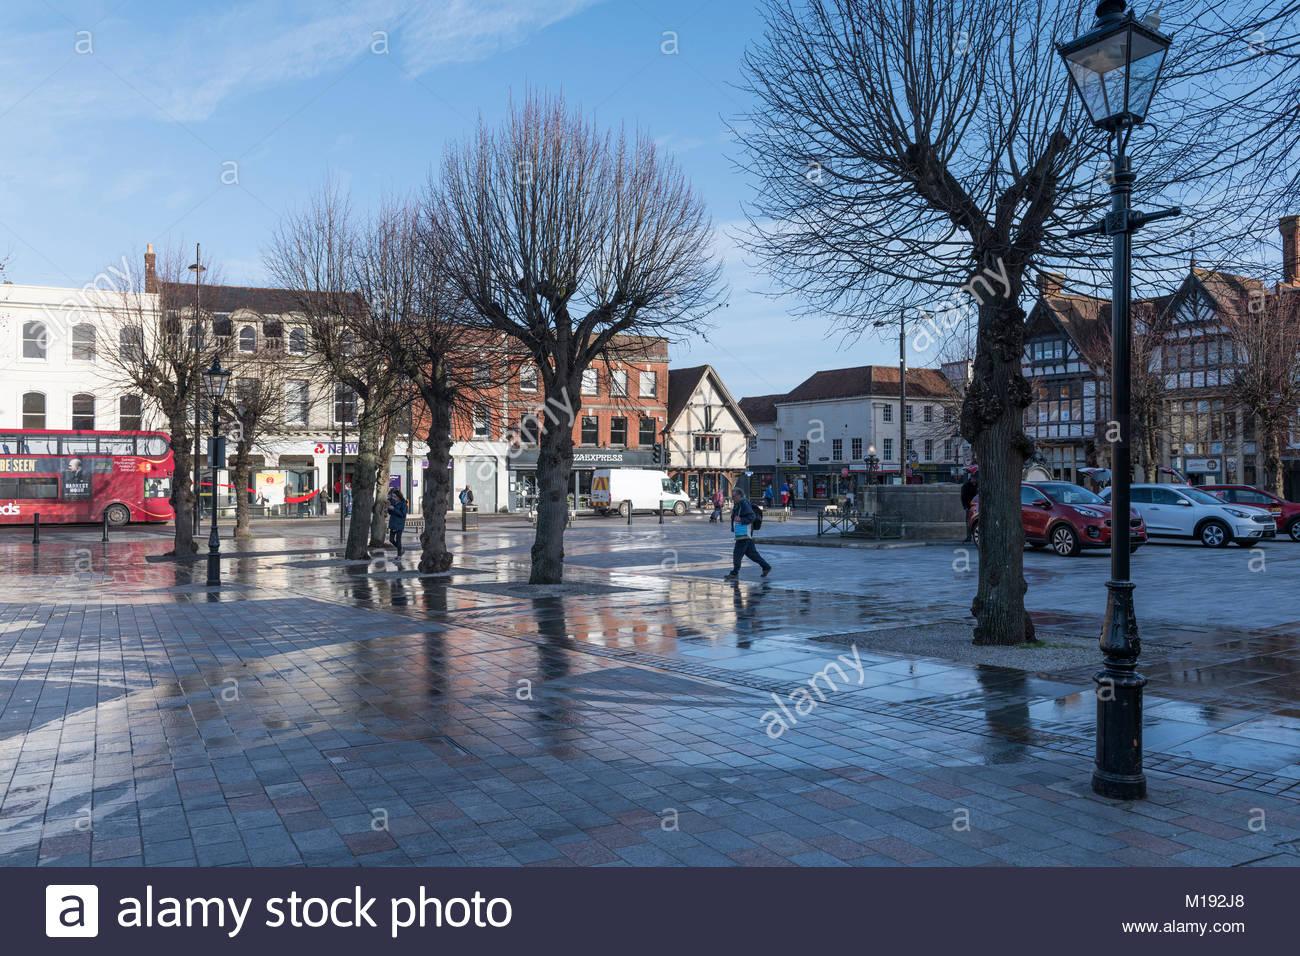 Market Place square, Salisbury, Wiltshire, England, UK - Stock Image